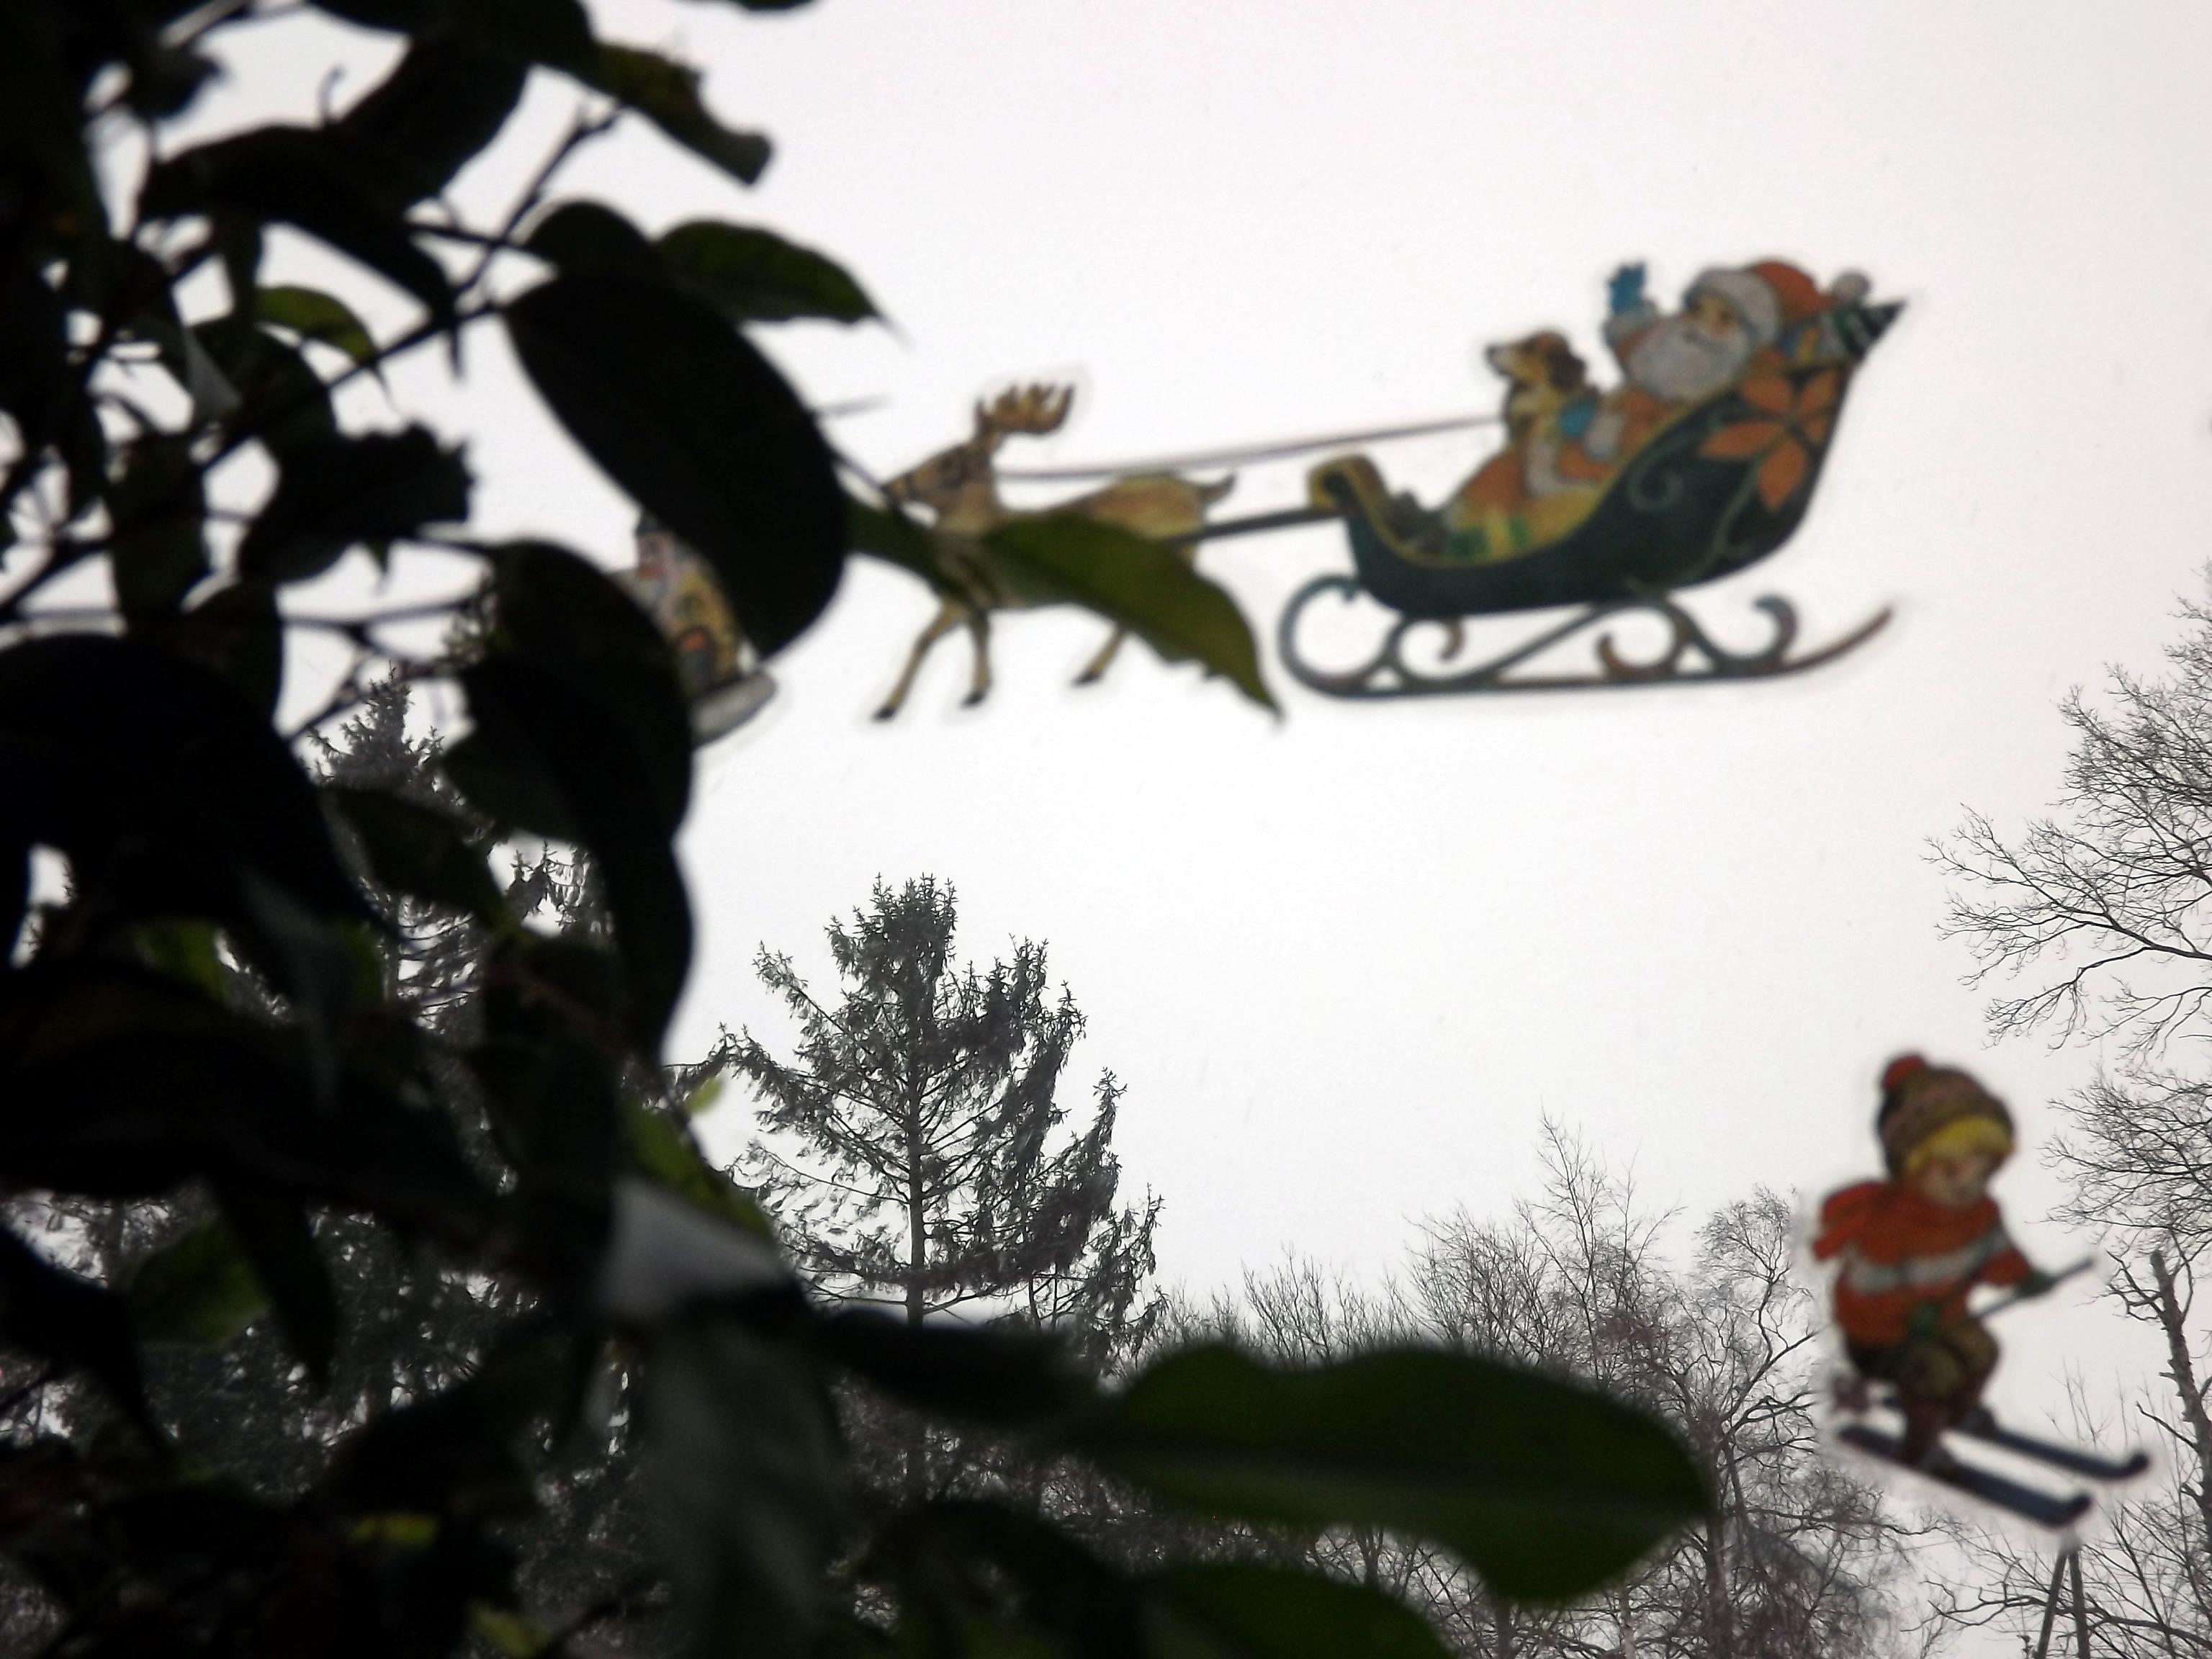 4603-winterbilder-fensterbilder-schnee